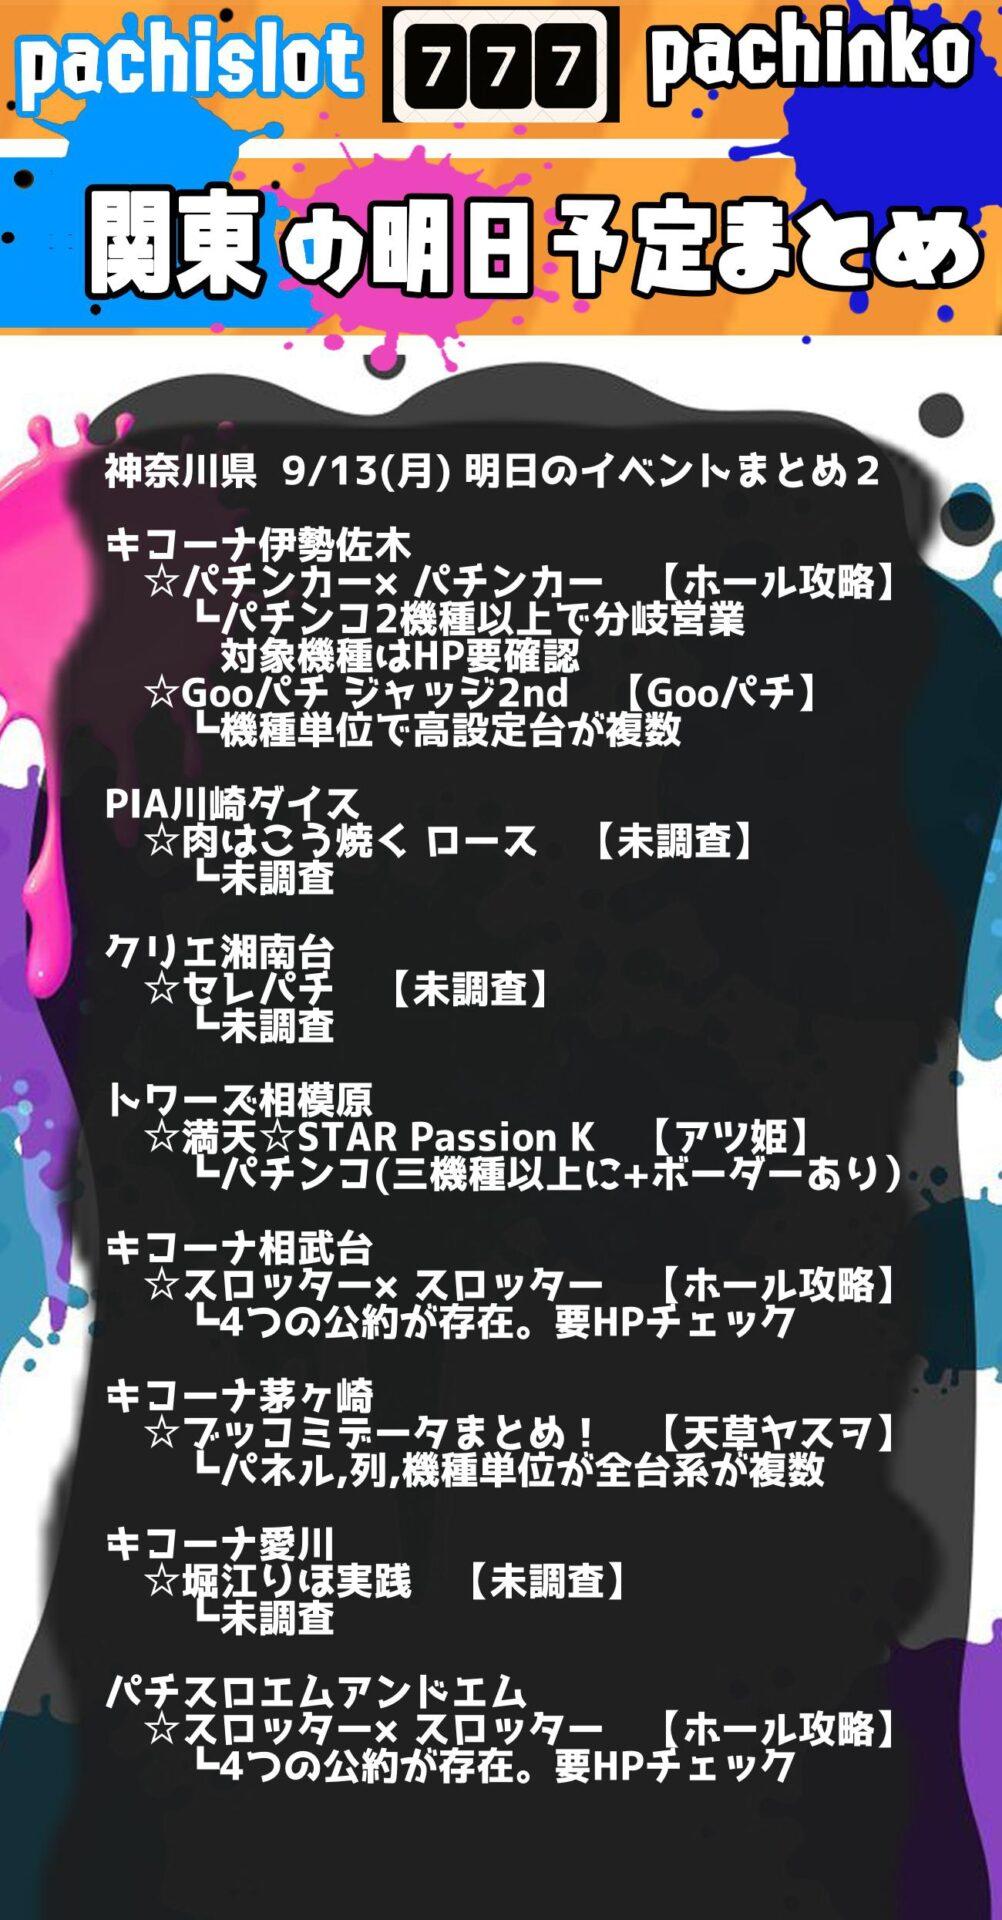 神奈川県_2021-09-13_パチンコ・パチスロ_イベント